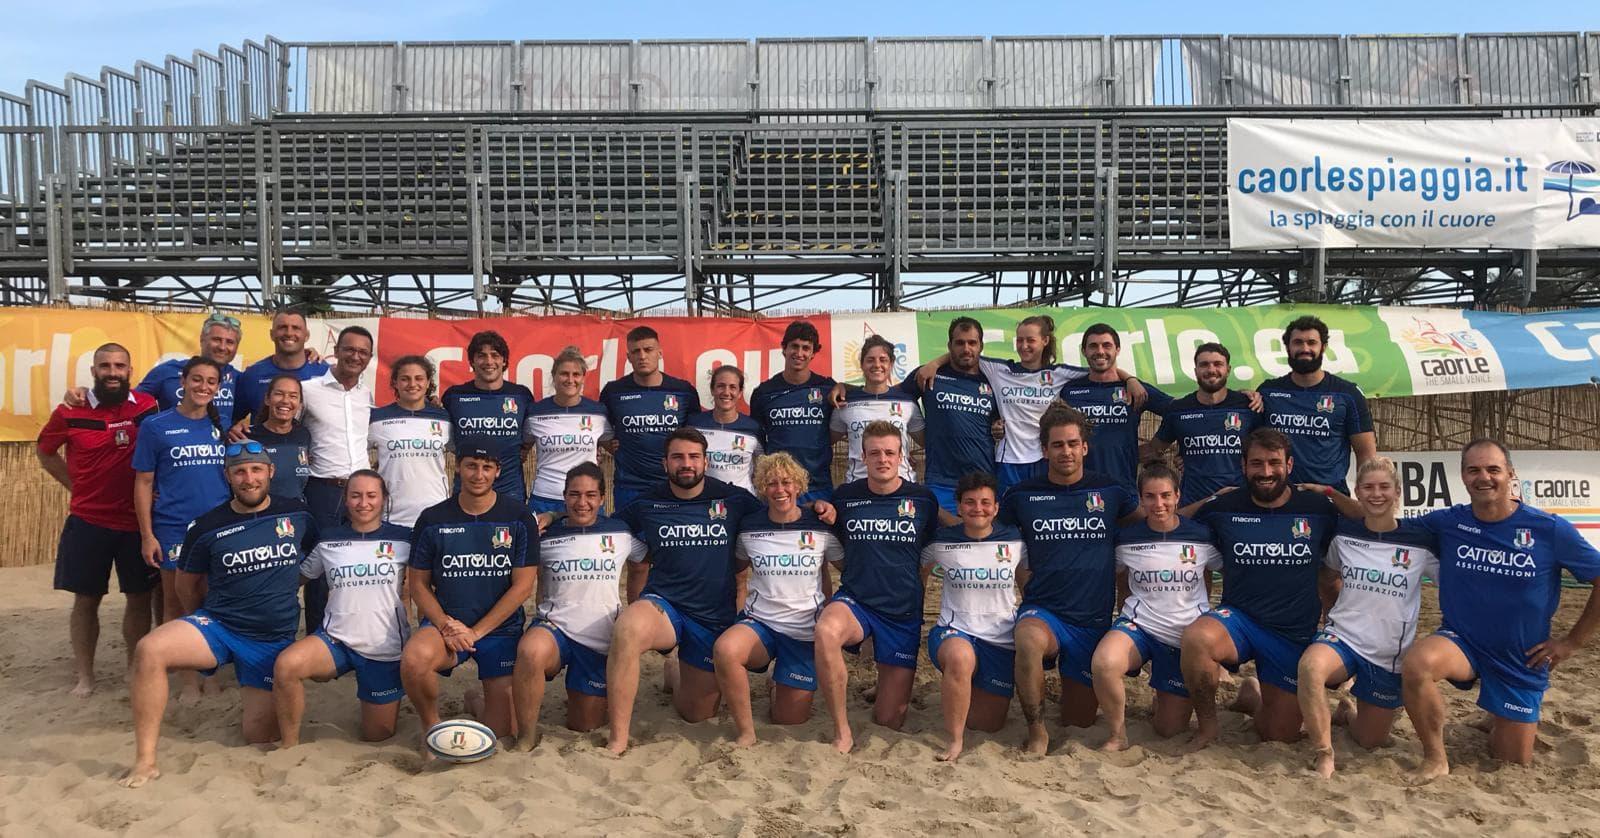 nazionali beach rugby maschile femminile 2019